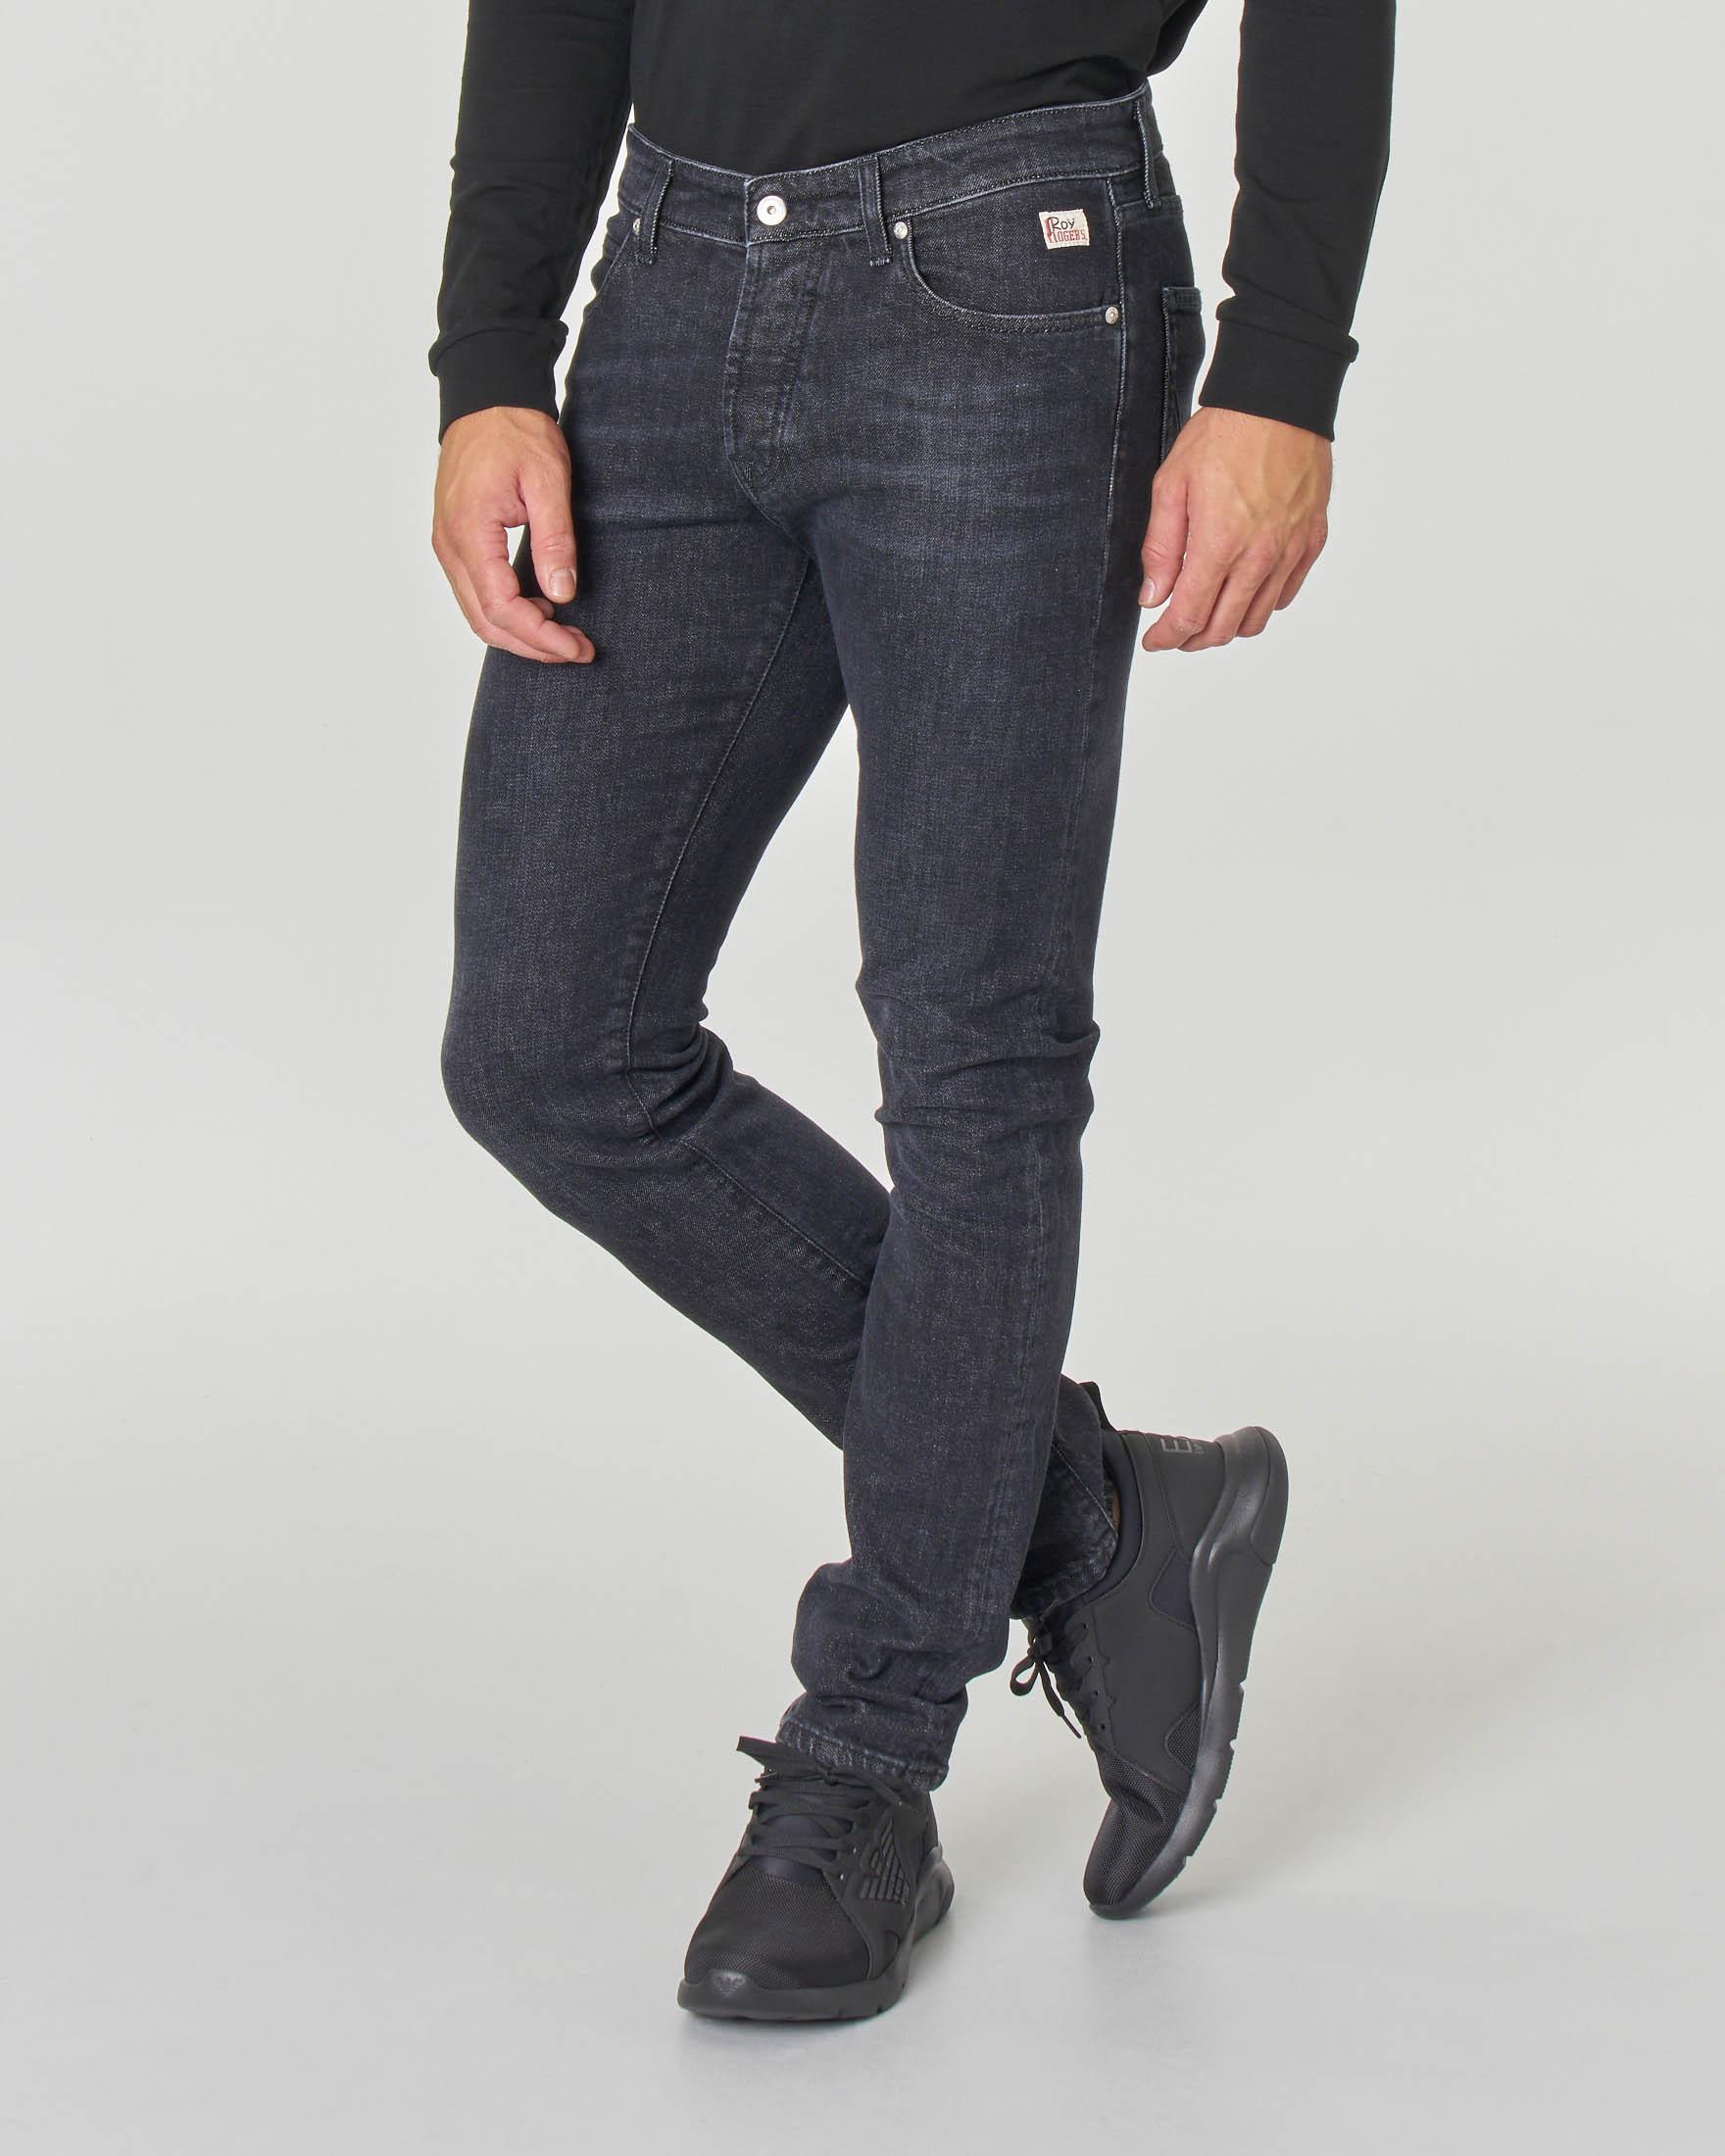 Jeans 529 Pistone lavaggio nero stone washed